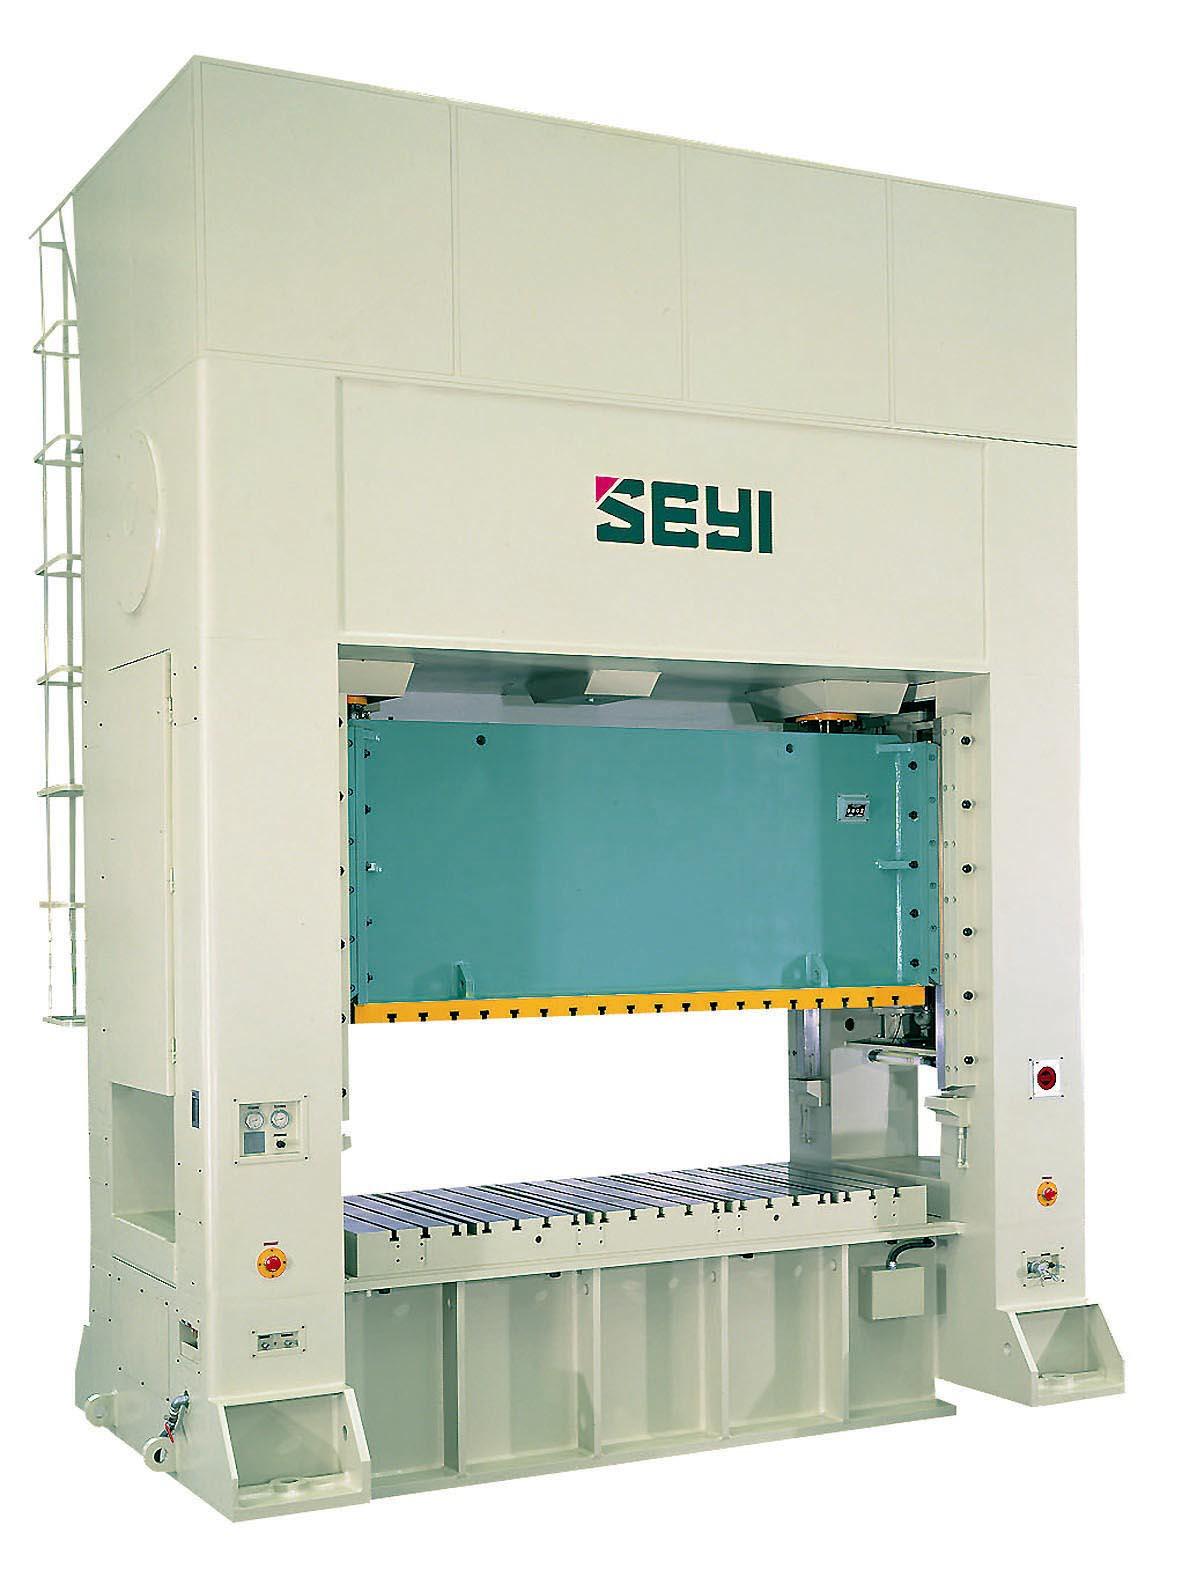 直壁式雙曲軸沖床 / 協易機械工業股份有限公司